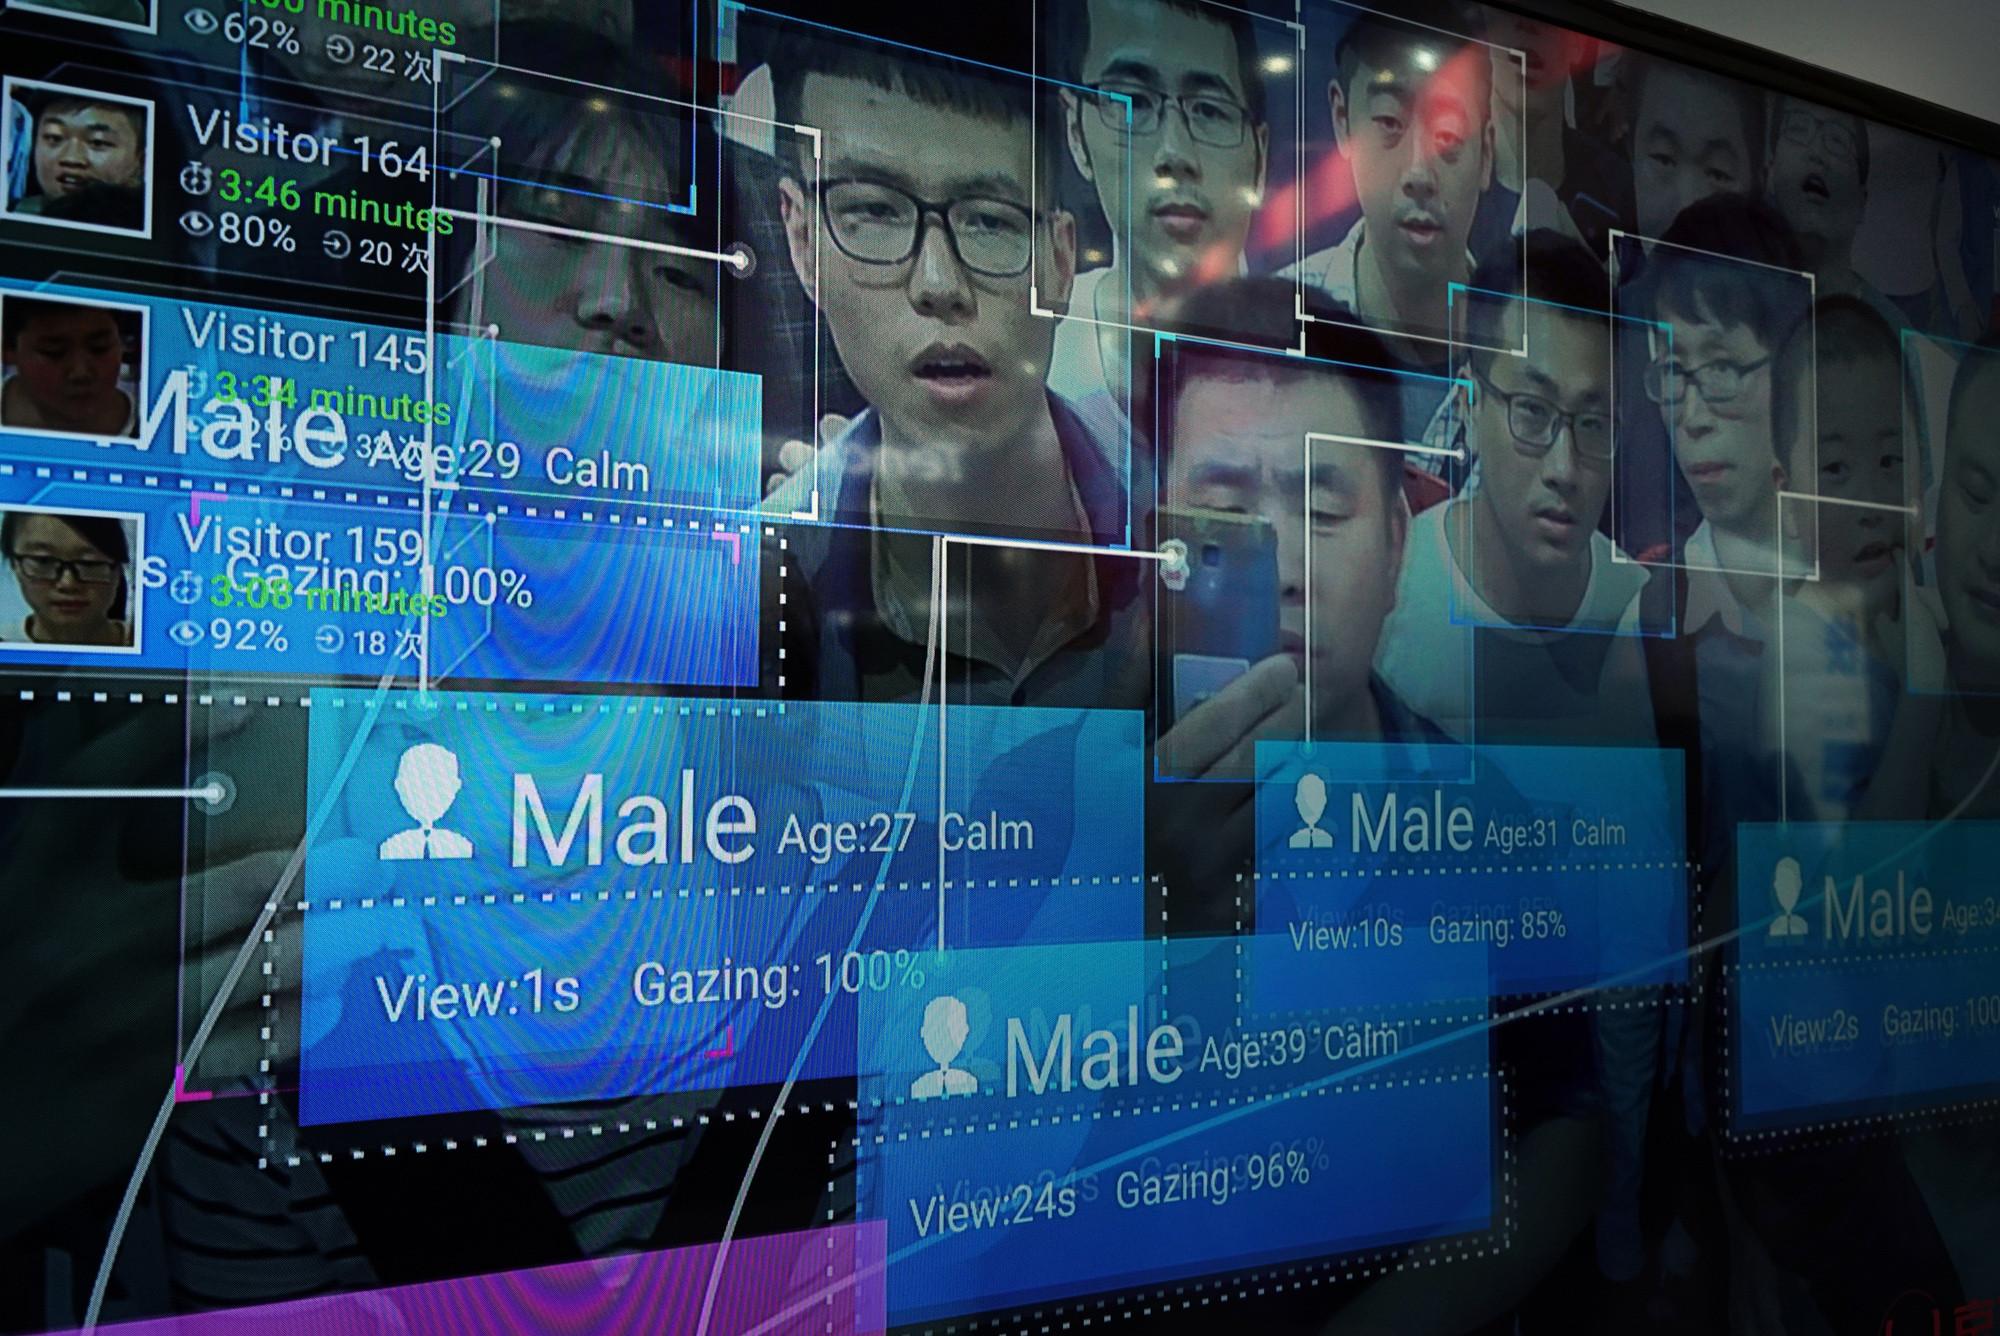 人脸识别系统联网打击号贩子,限制其乘坐高铁、贷款-互联网之家